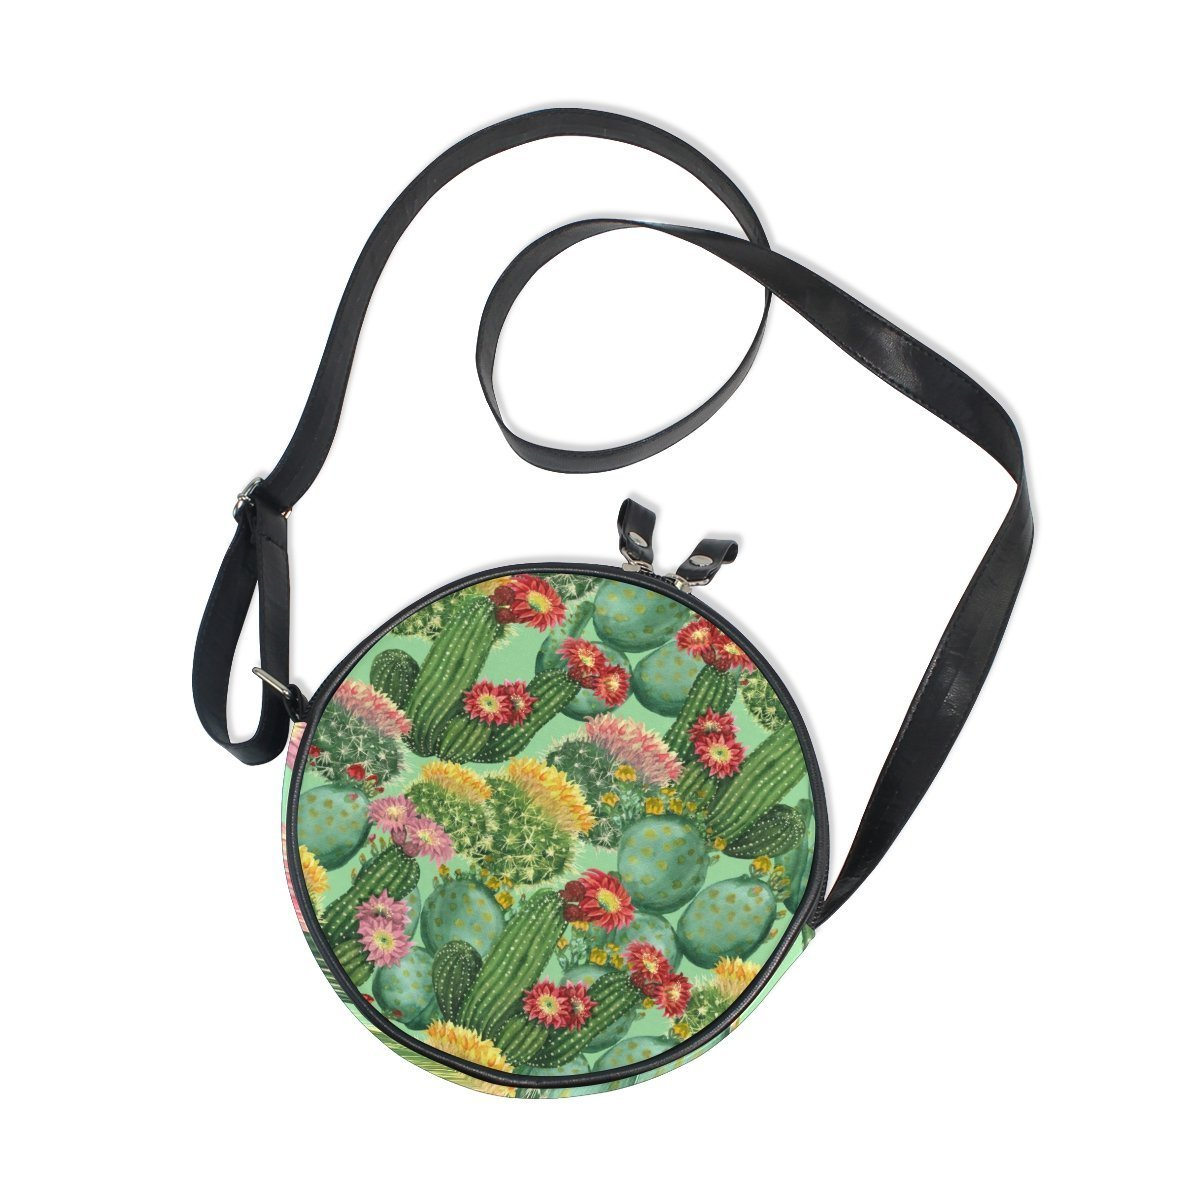 Flamingo Pineapple Girl Round Crossbody Shoulder Bags Adjustable Top Handle Bags Satchel for Women